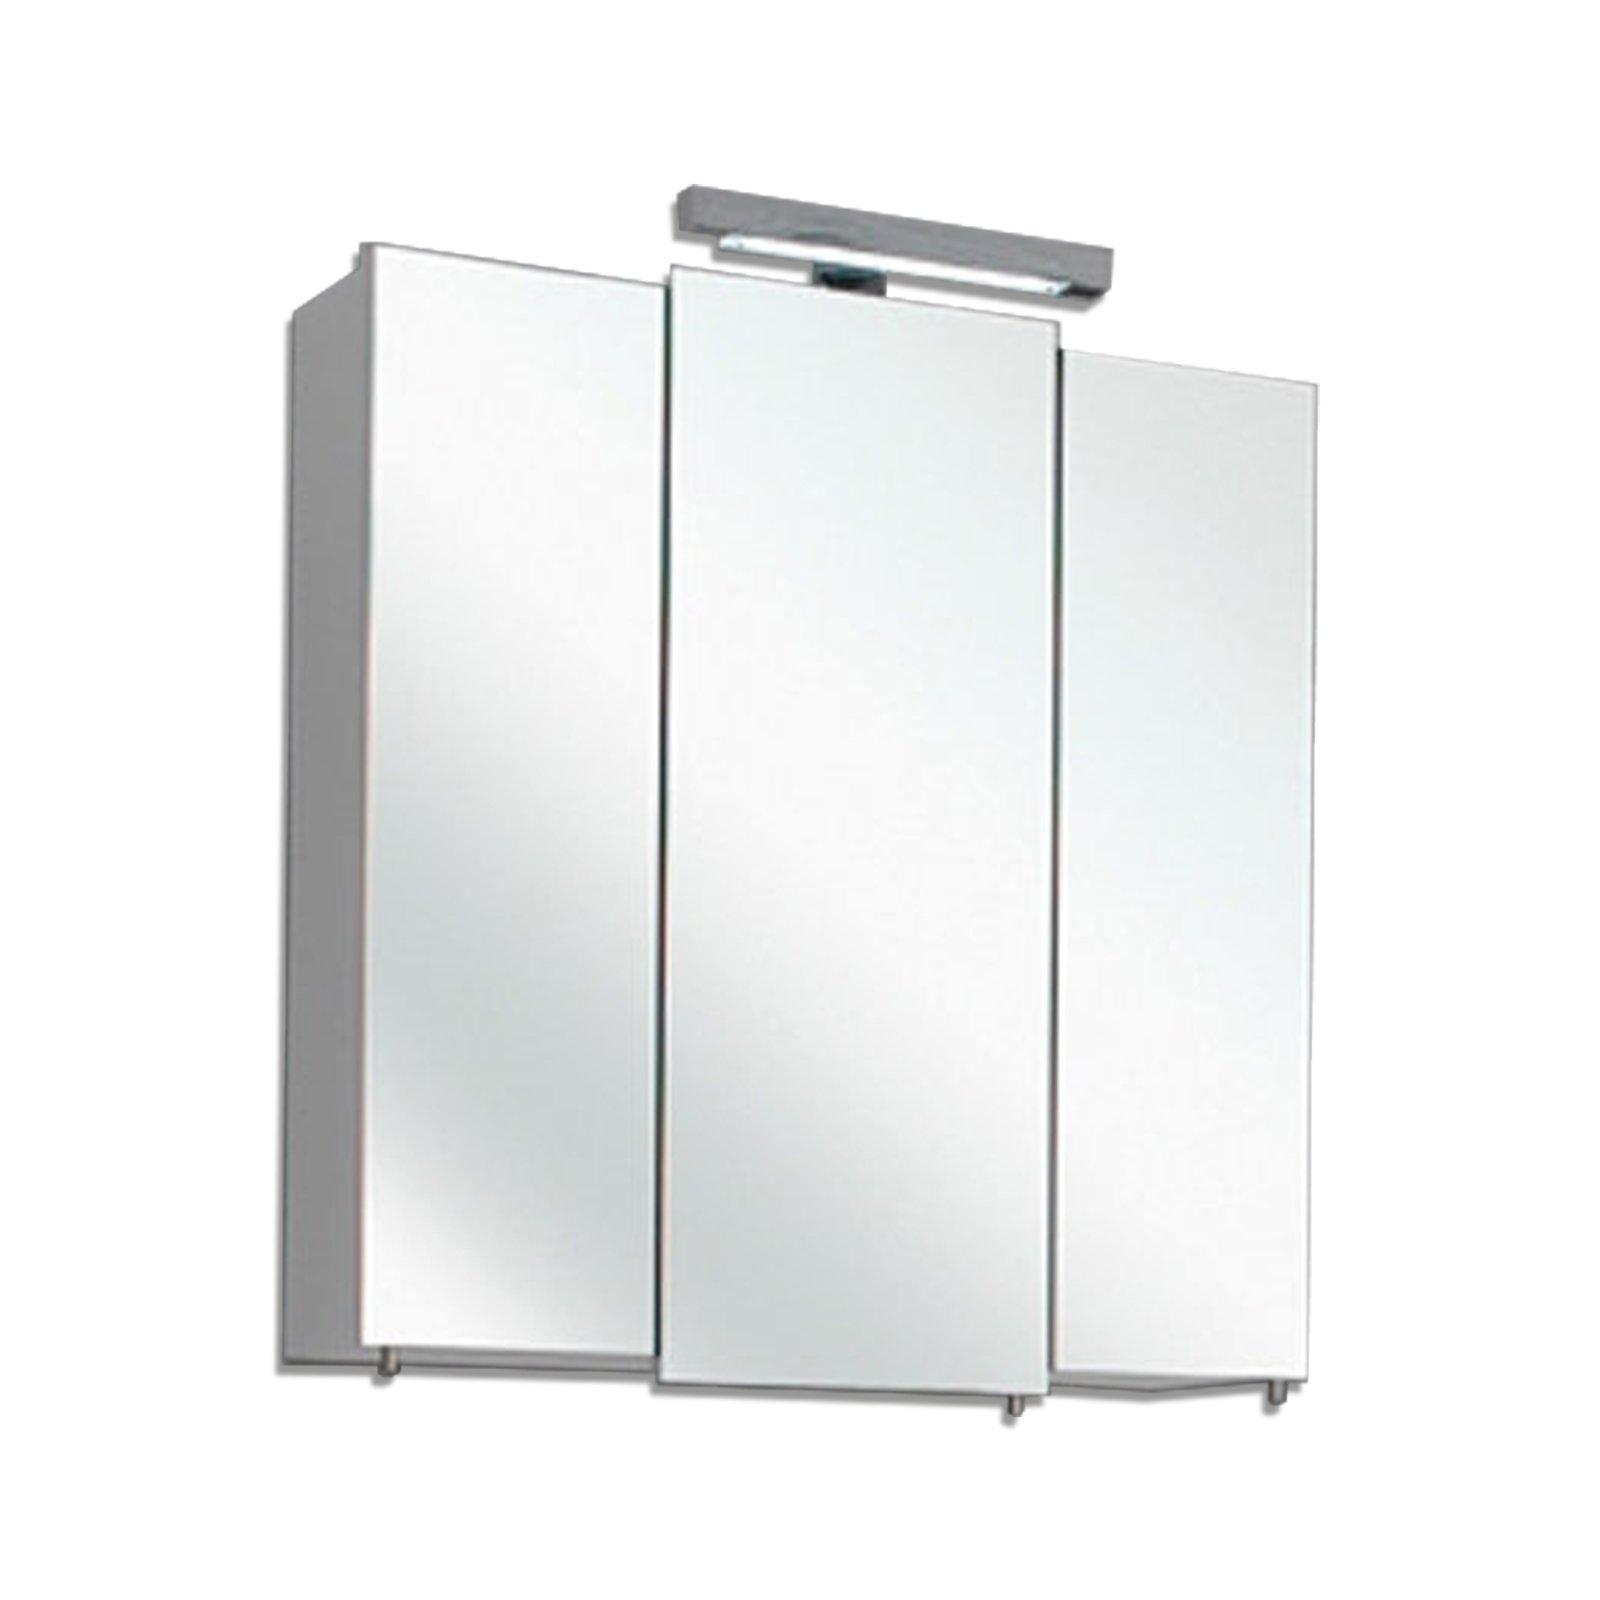 Spiegelschrank LIVORNO I | Spiegelschränke | Badmöbel | Badezimmer ...